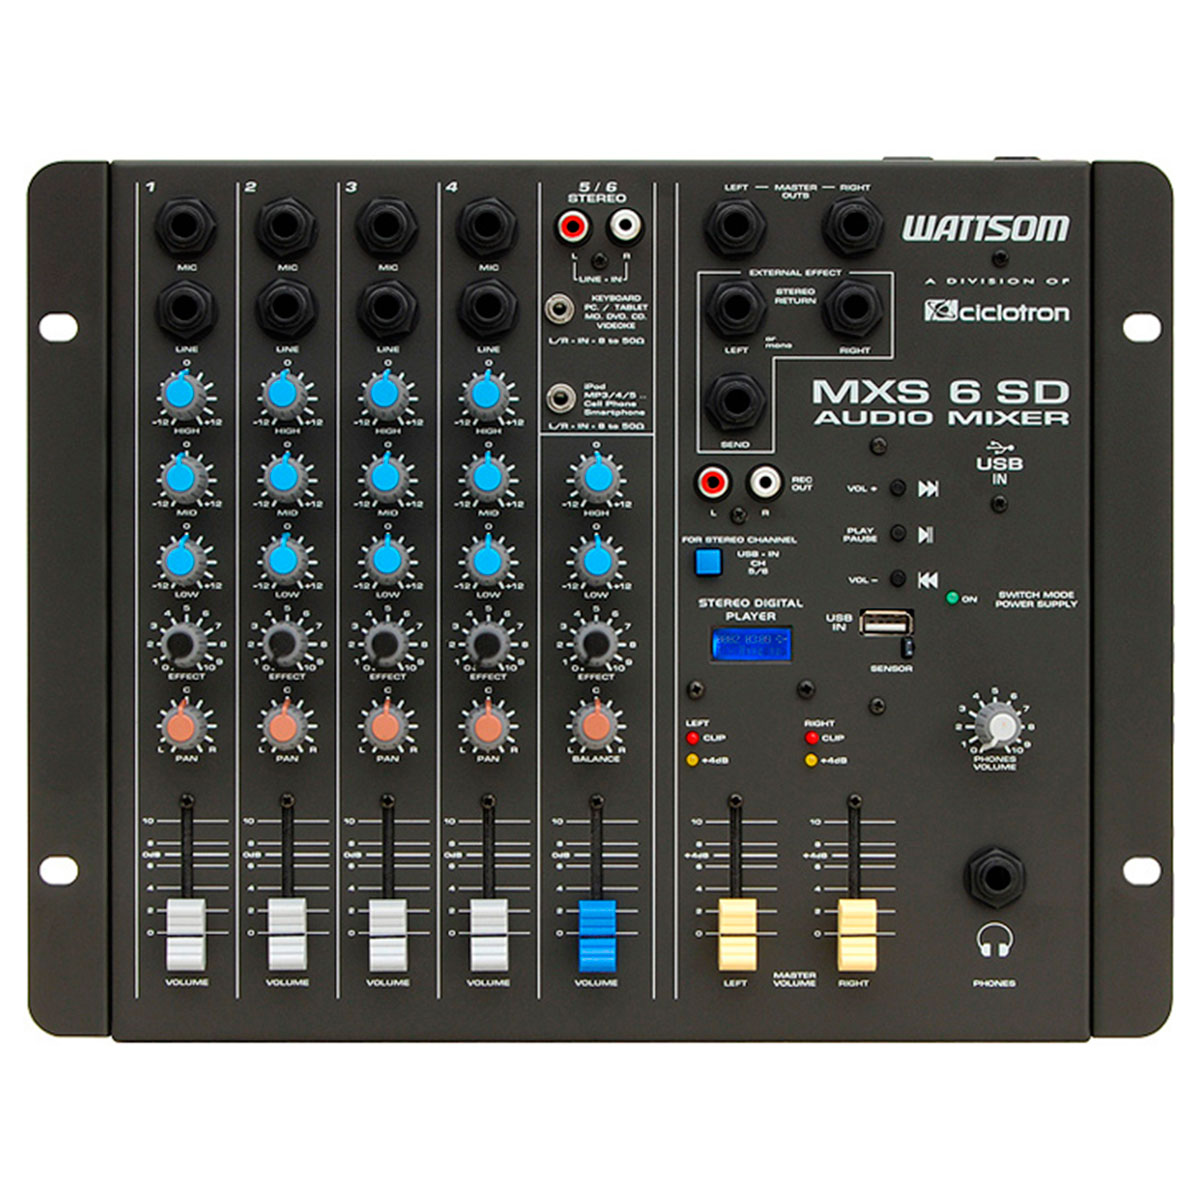 MXS6SD - Mesa de Som / Mixer 6 Canais USB MXS 6 SD - Ciclotron